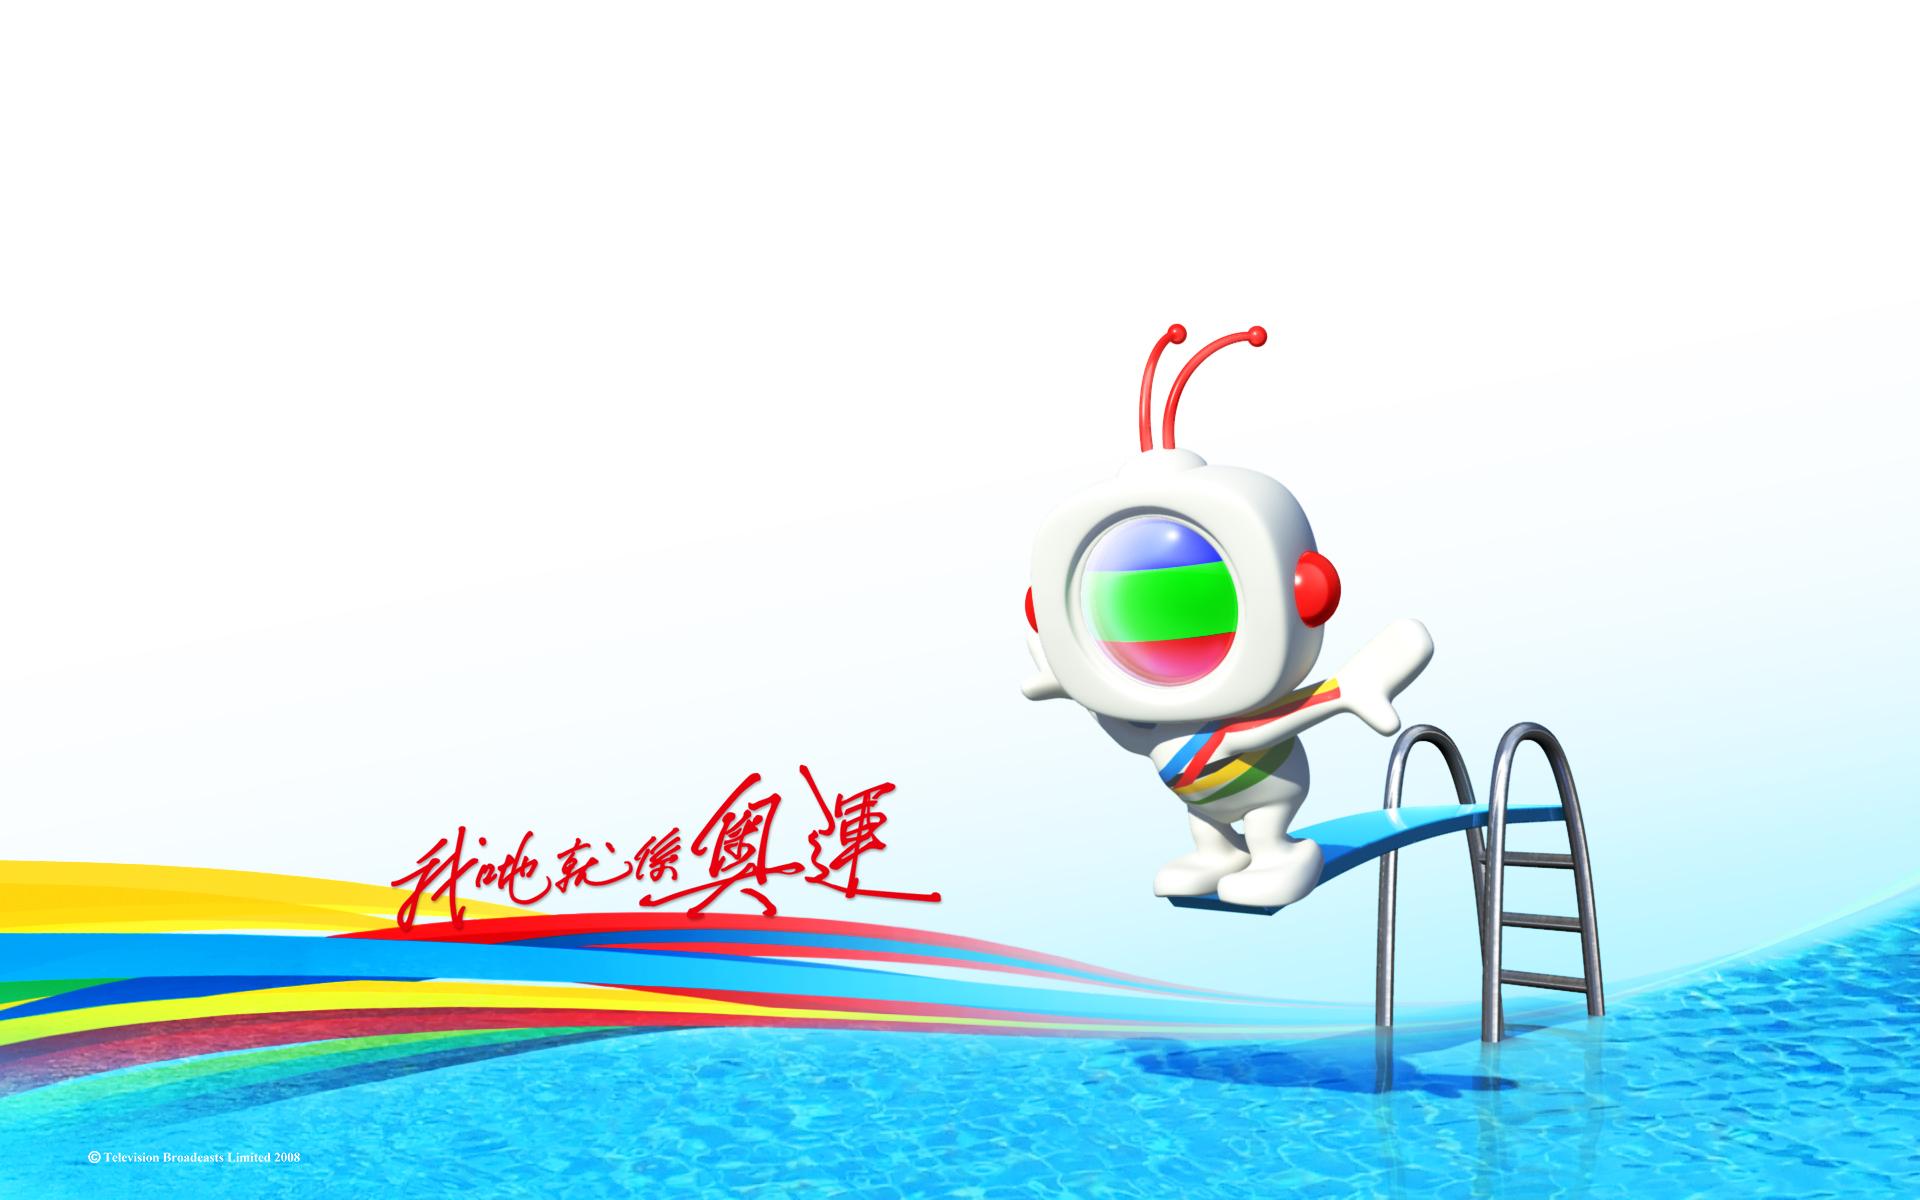 香港无线电视(tvb)台徽奥运会运动员形象海报下载